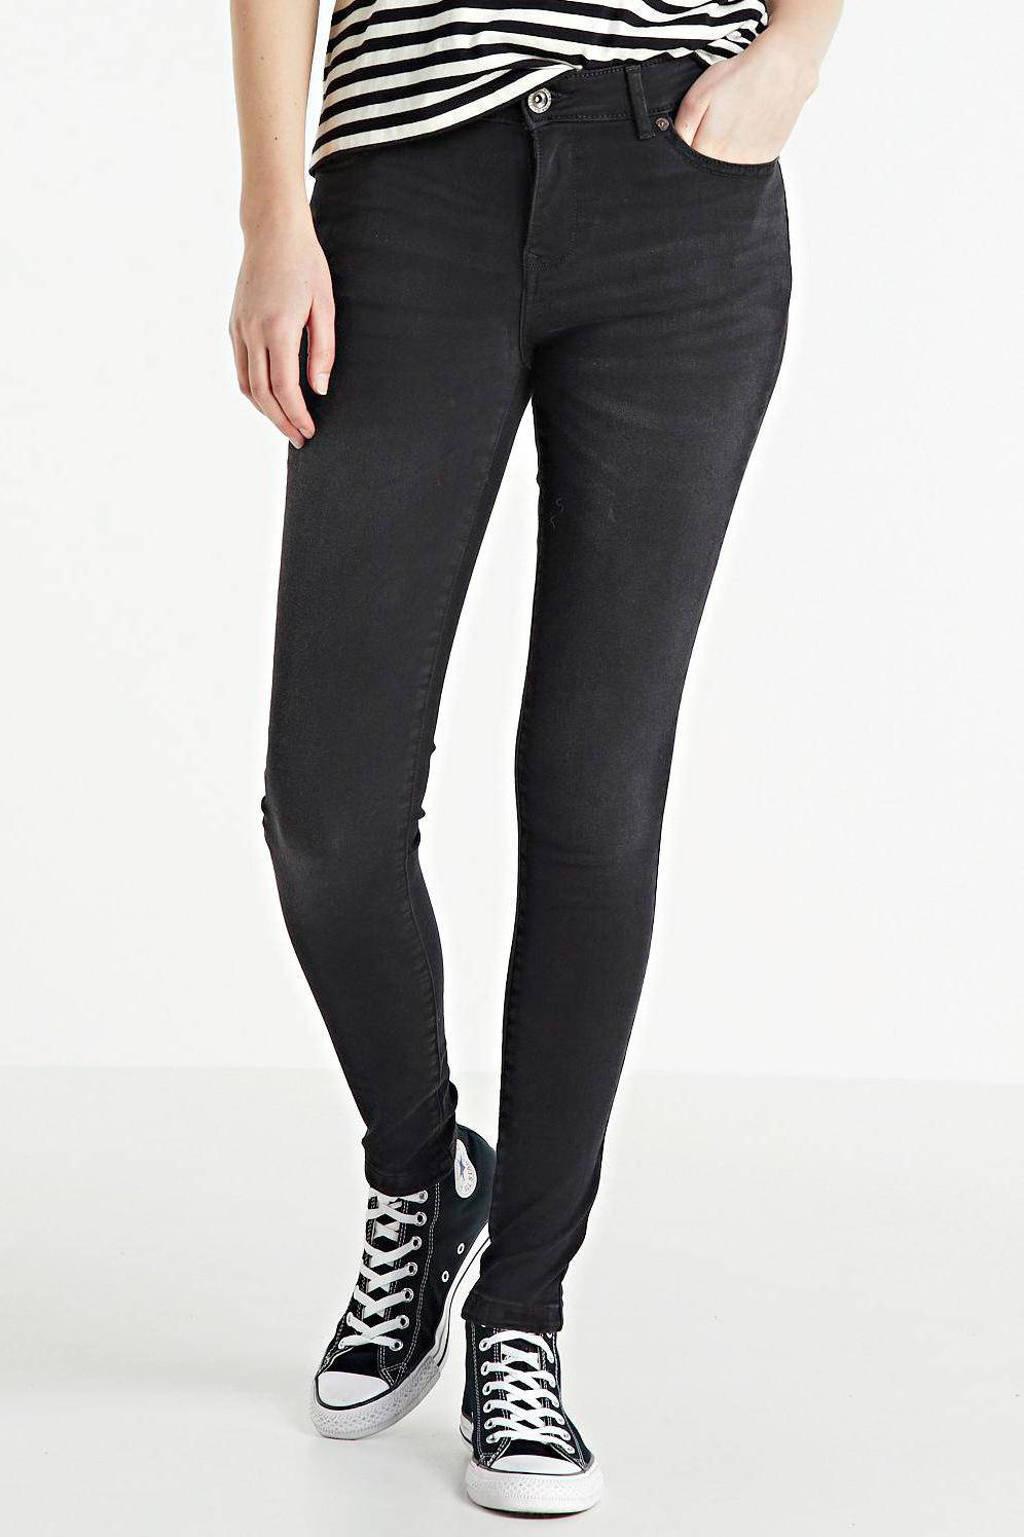 Cars skinny jeans Elisa black used, Black used